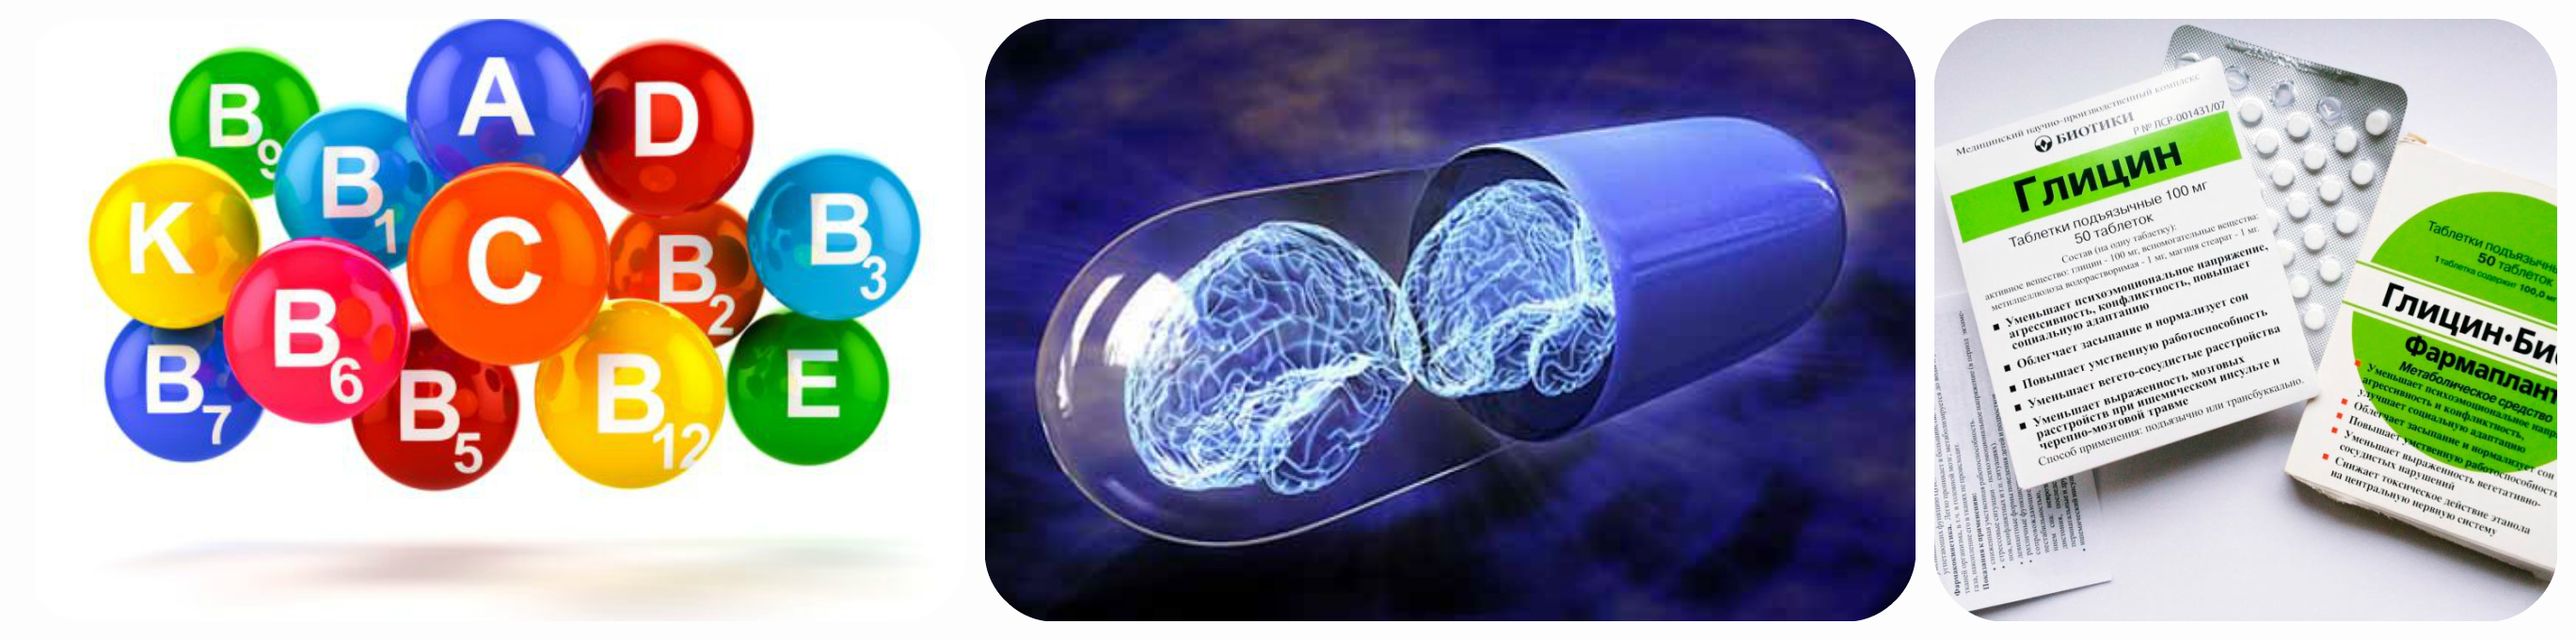 при сотрясении мозга таблетки - коллаж